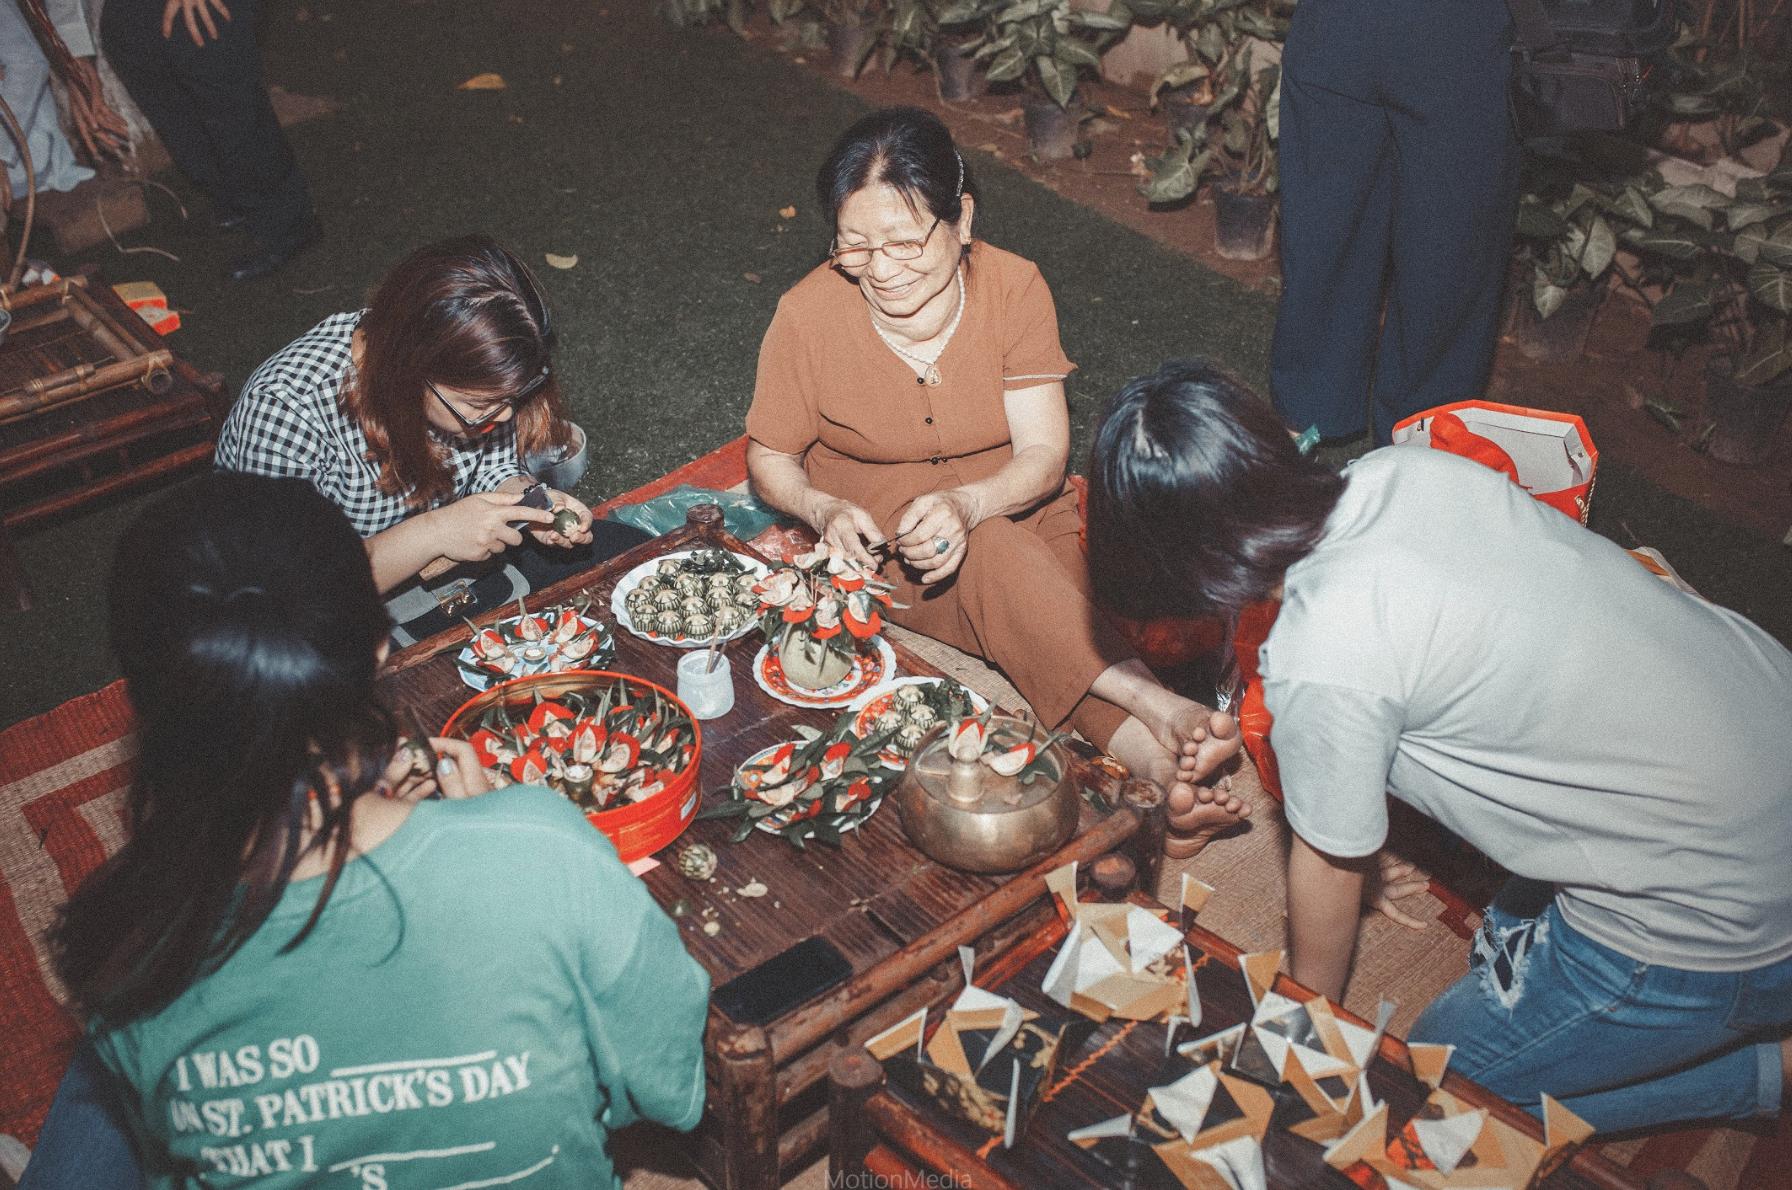 Sinh viên báo chí tổ chức triển lãm không gian cưới thập niên 80s, 90s ngay giữa lòng Hà Nội - Ảnh 8.